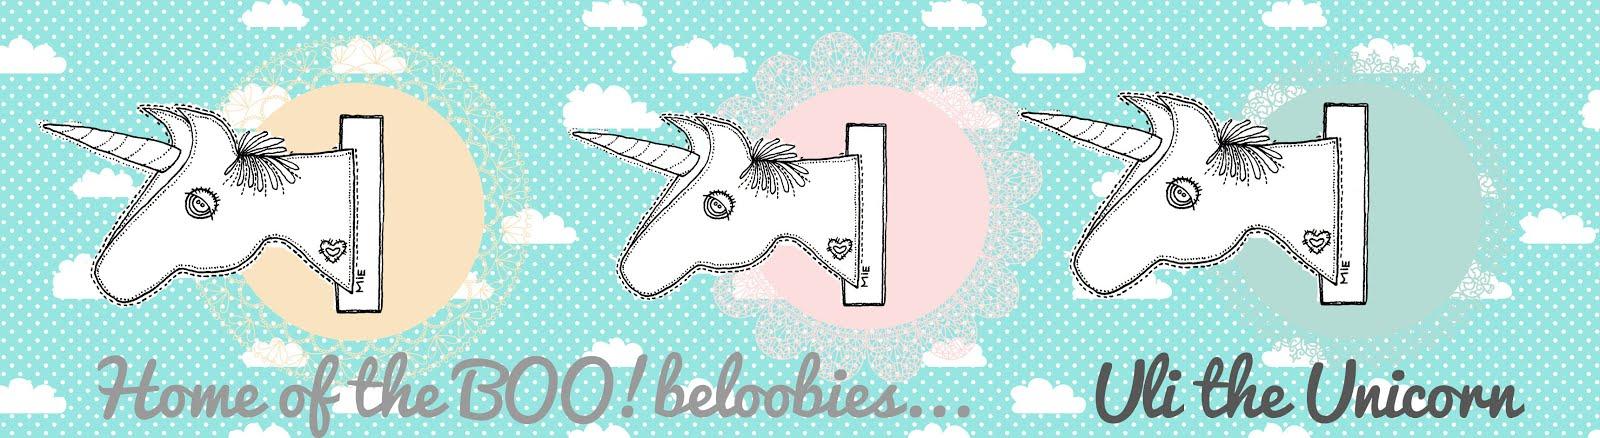 BOO!beloobie Banner